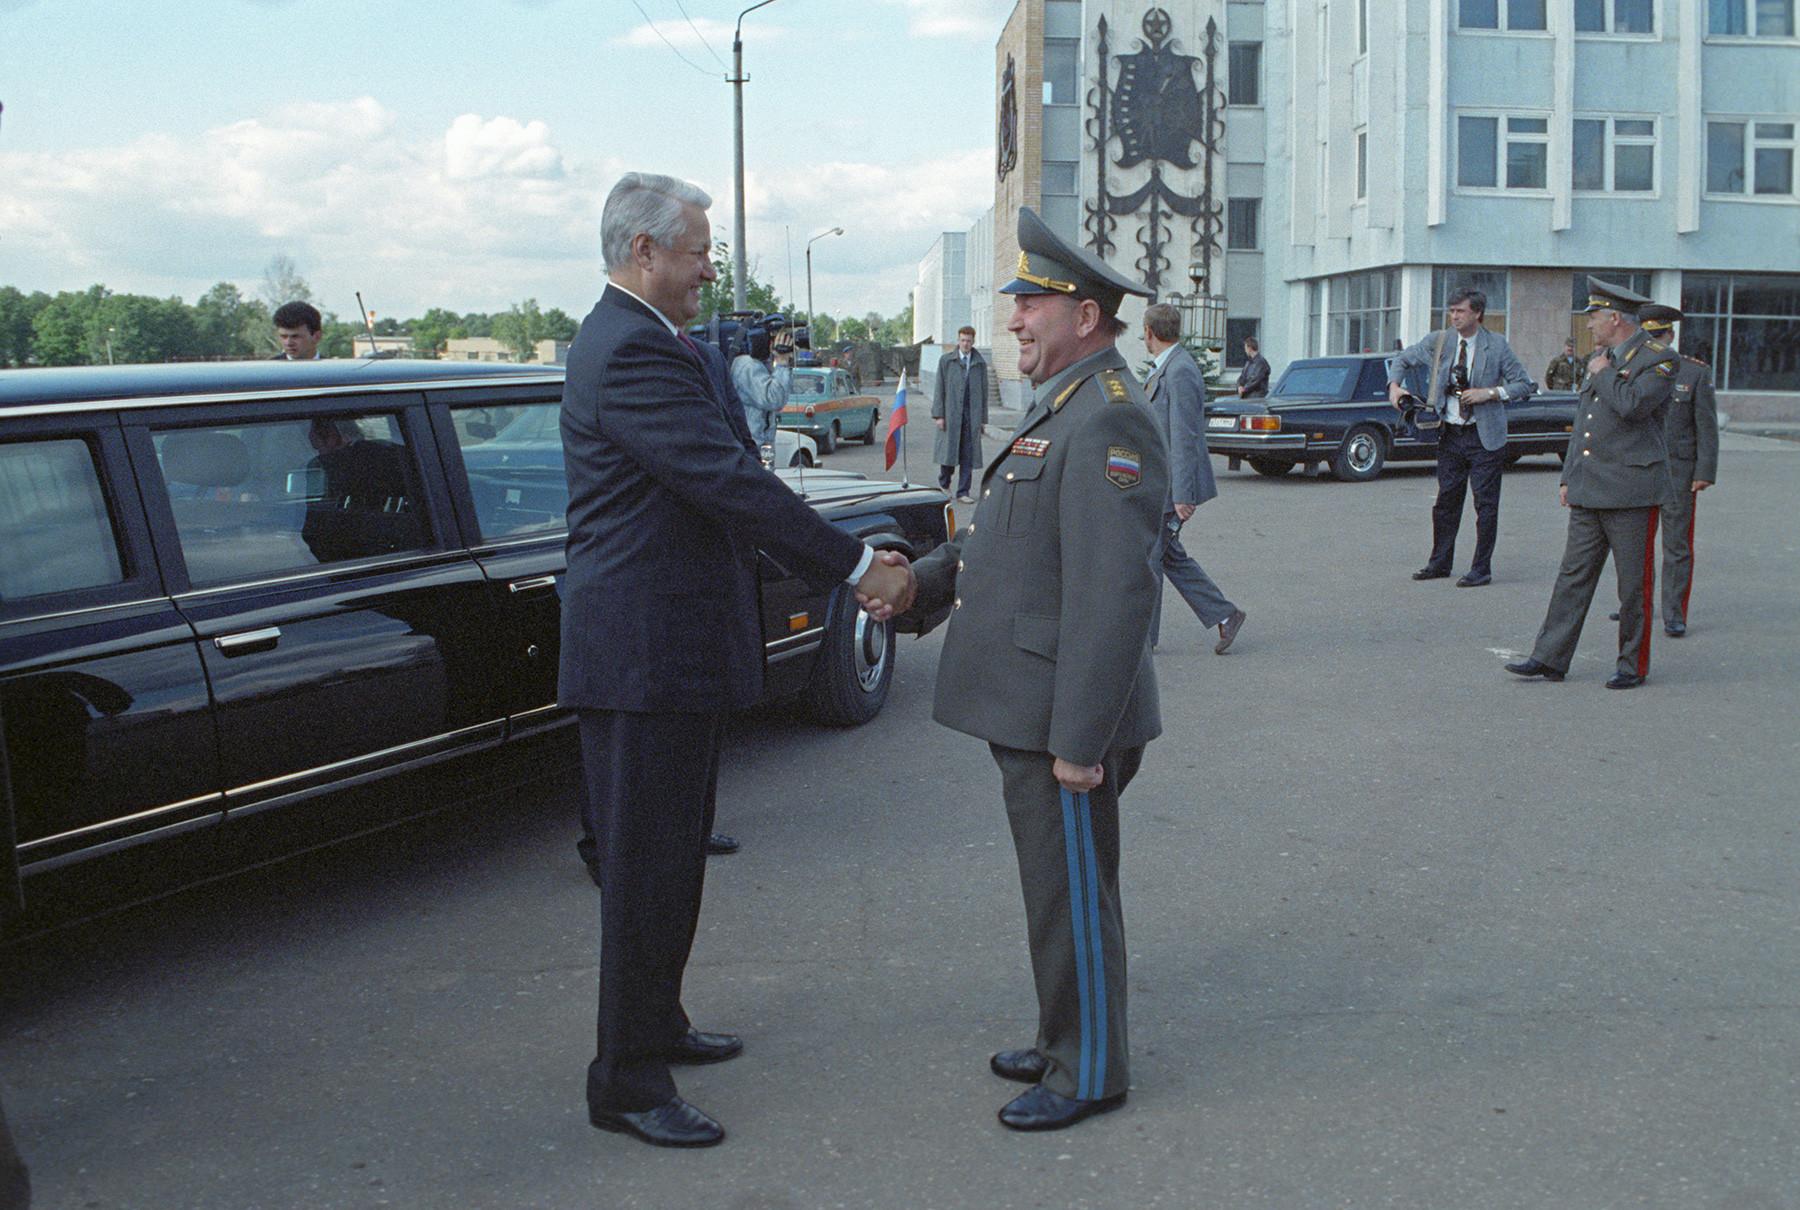 ロシアのボリス・エリツィン大統領(1931-2007) がナロ=フォミンスク付近でエアボーン部隊と会合する。